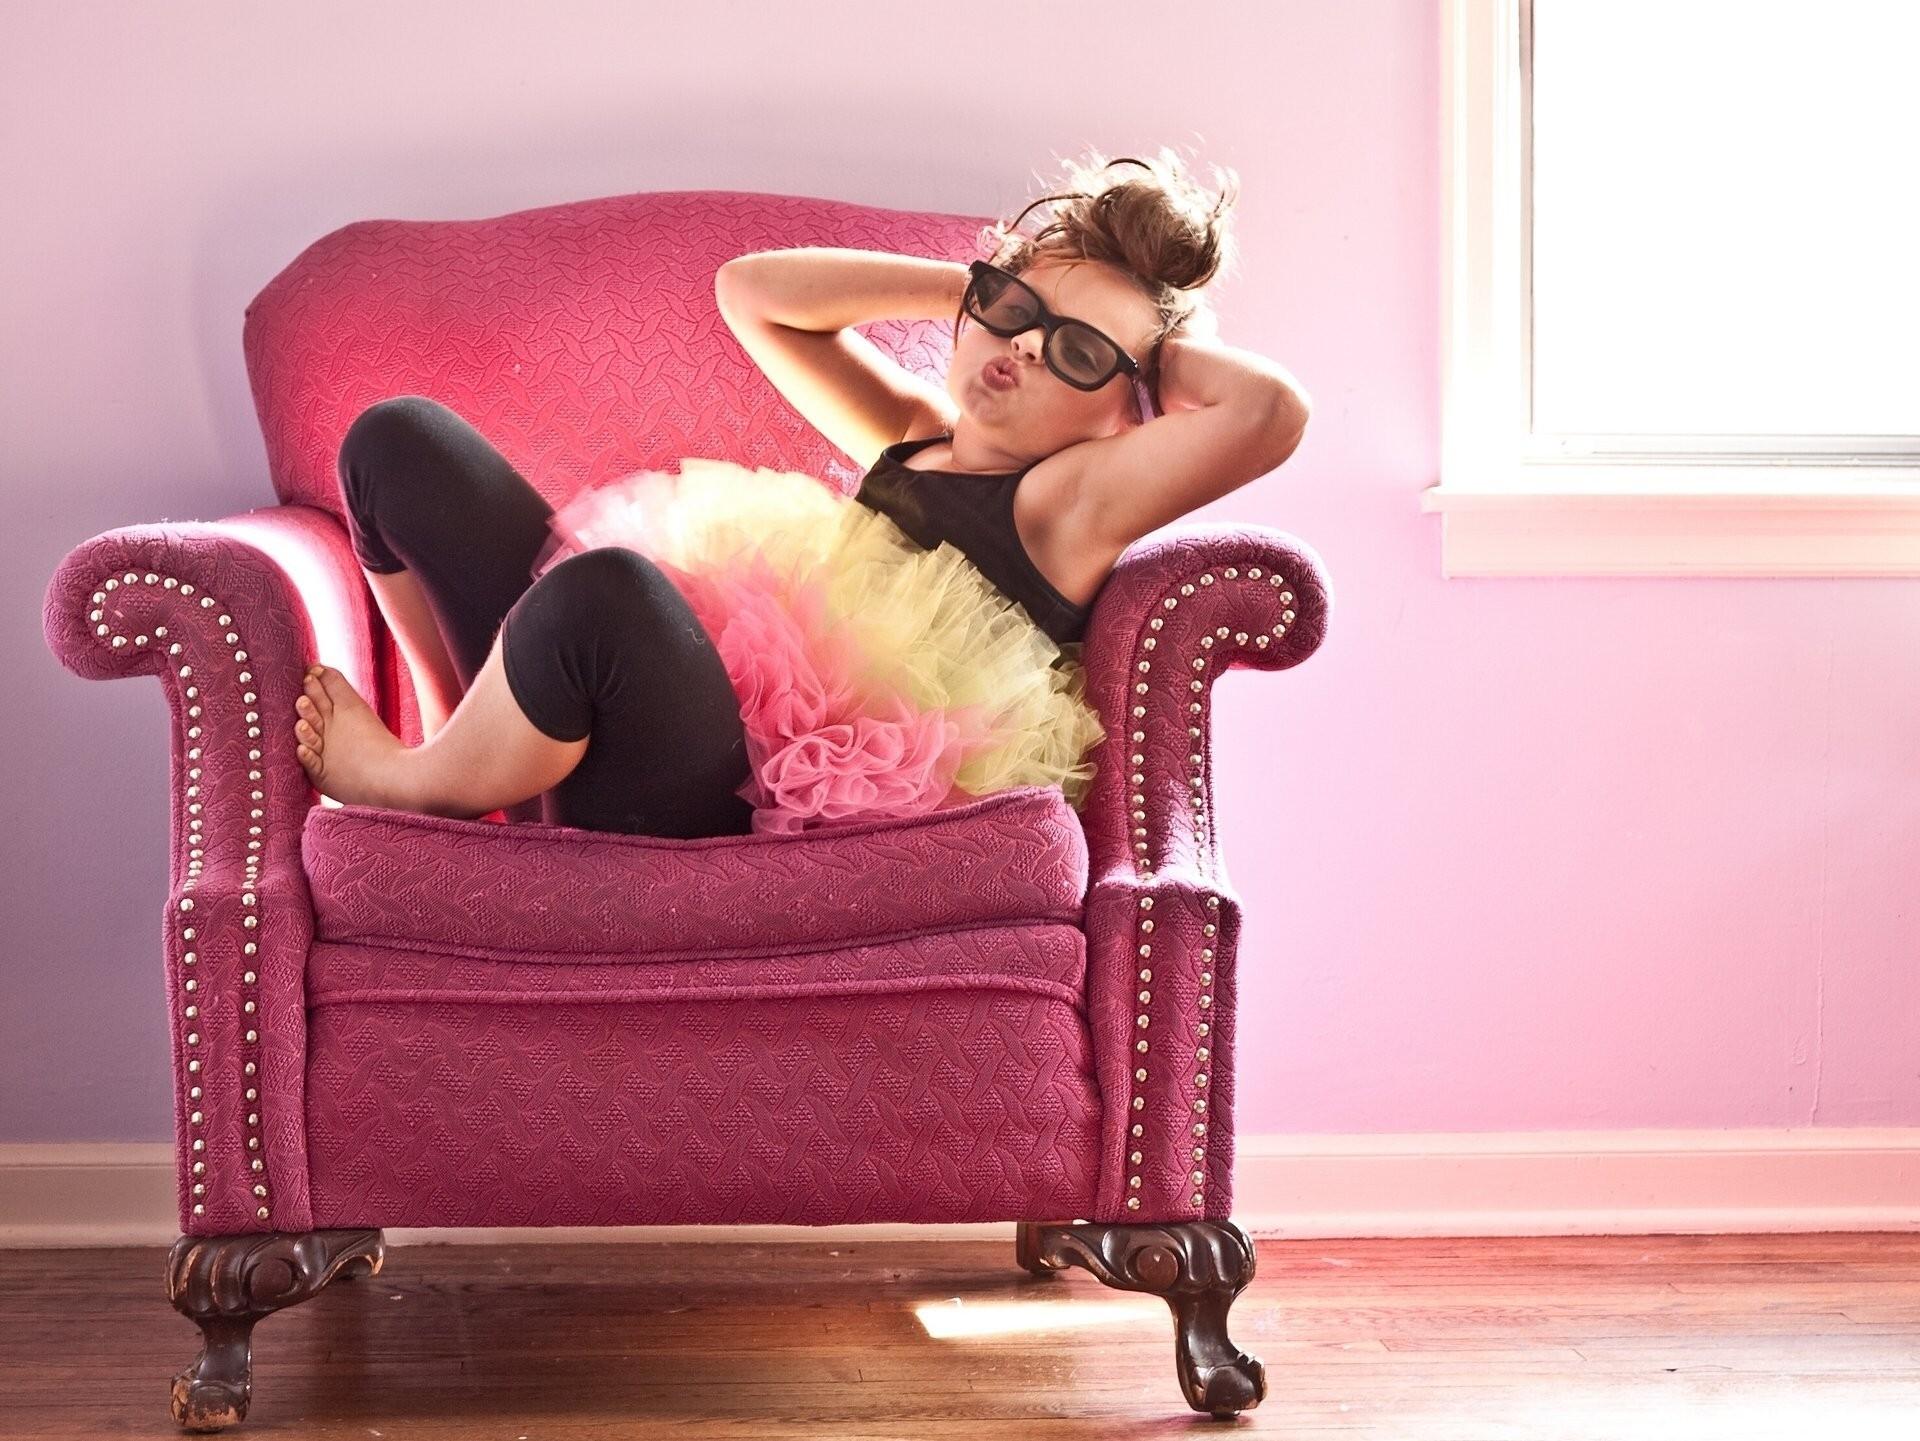 Картинка: Девочка, кресло, очки, гламур, утиные губки